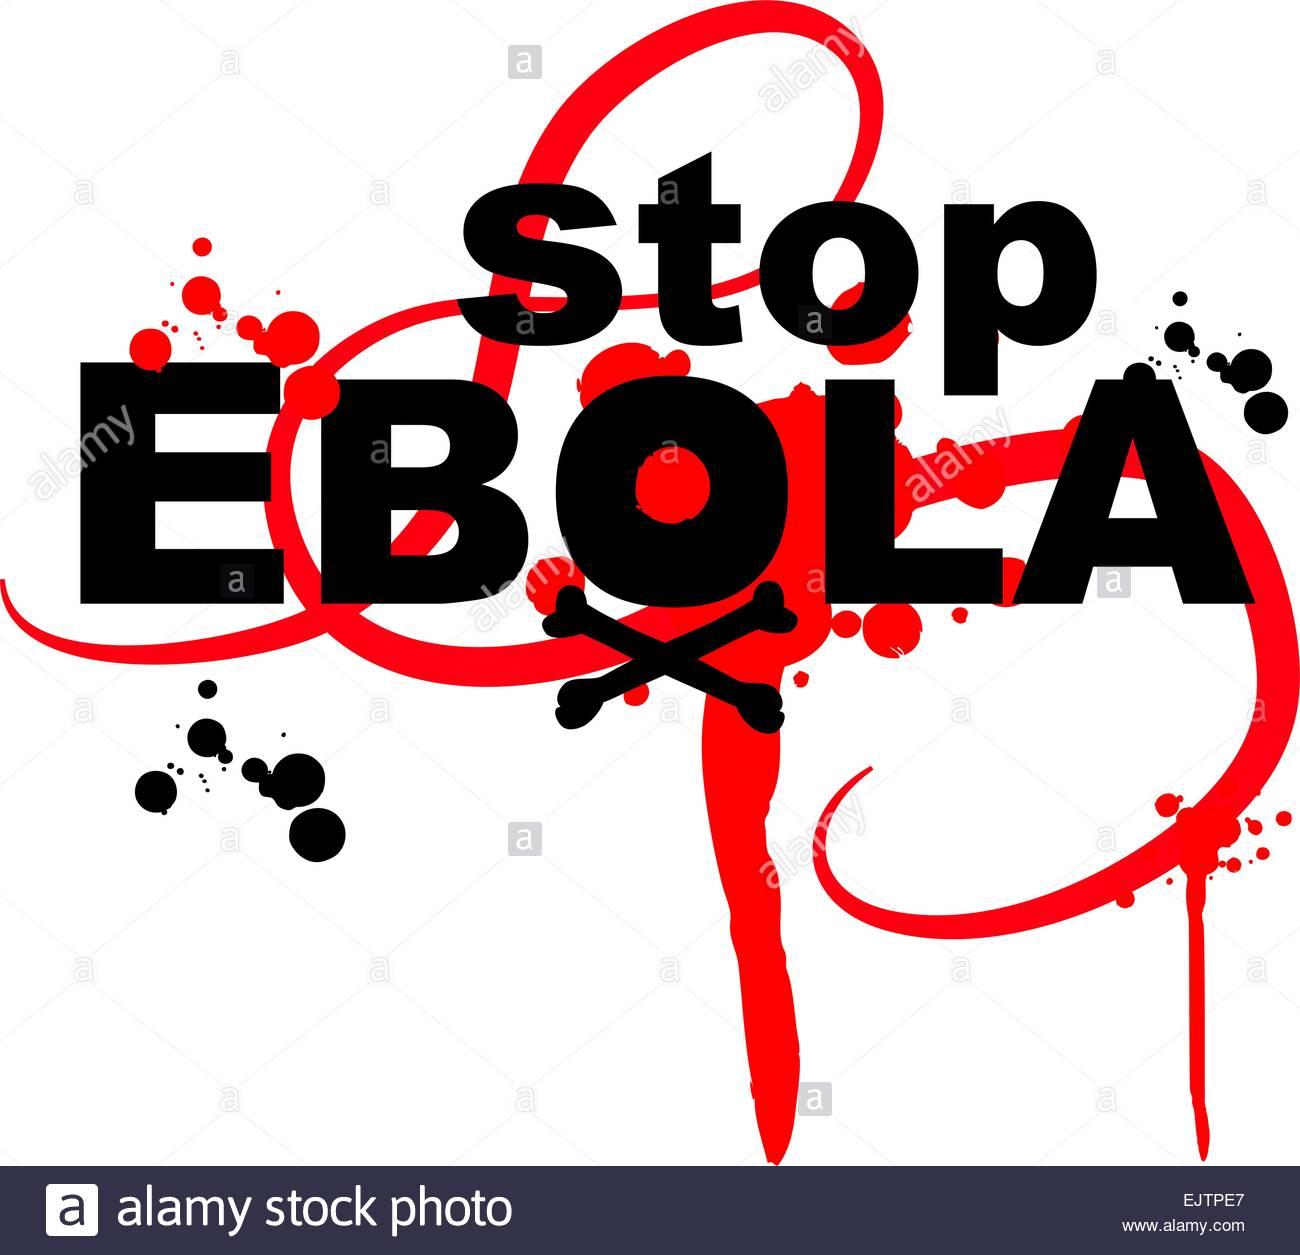 ebola virus design on white background Stock Vector Art 1300x1255